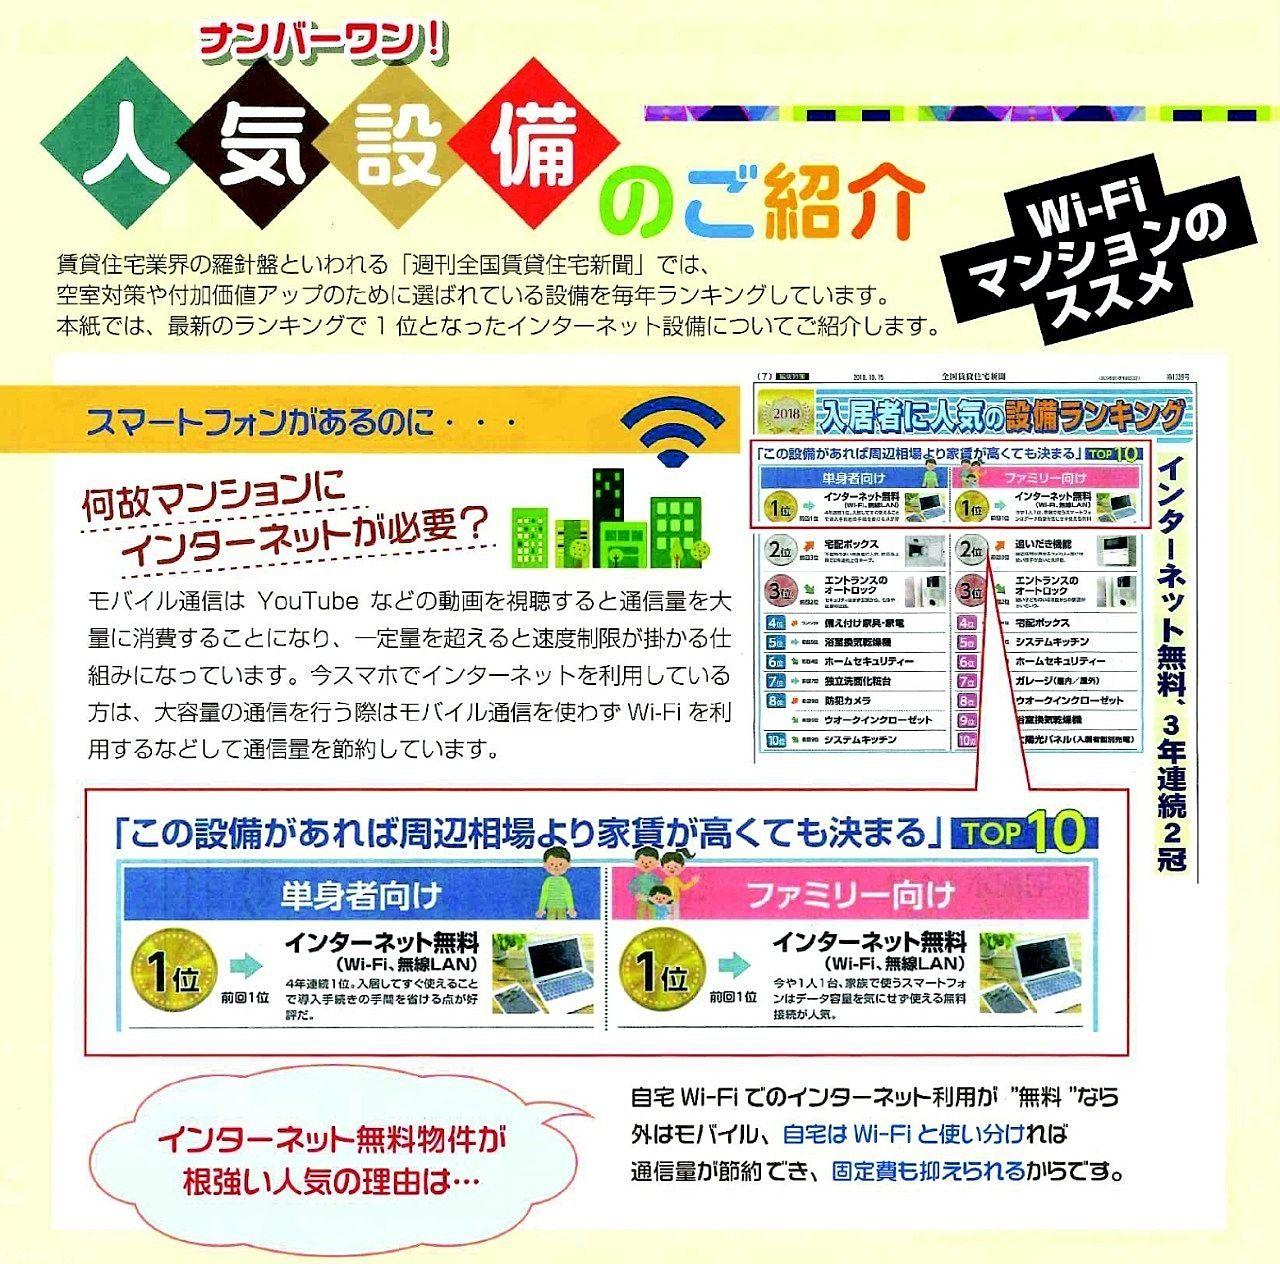 管理物件に光Wi-Fi(家電IOT化)を導入しました!ご入居者様は無料で利用できます!